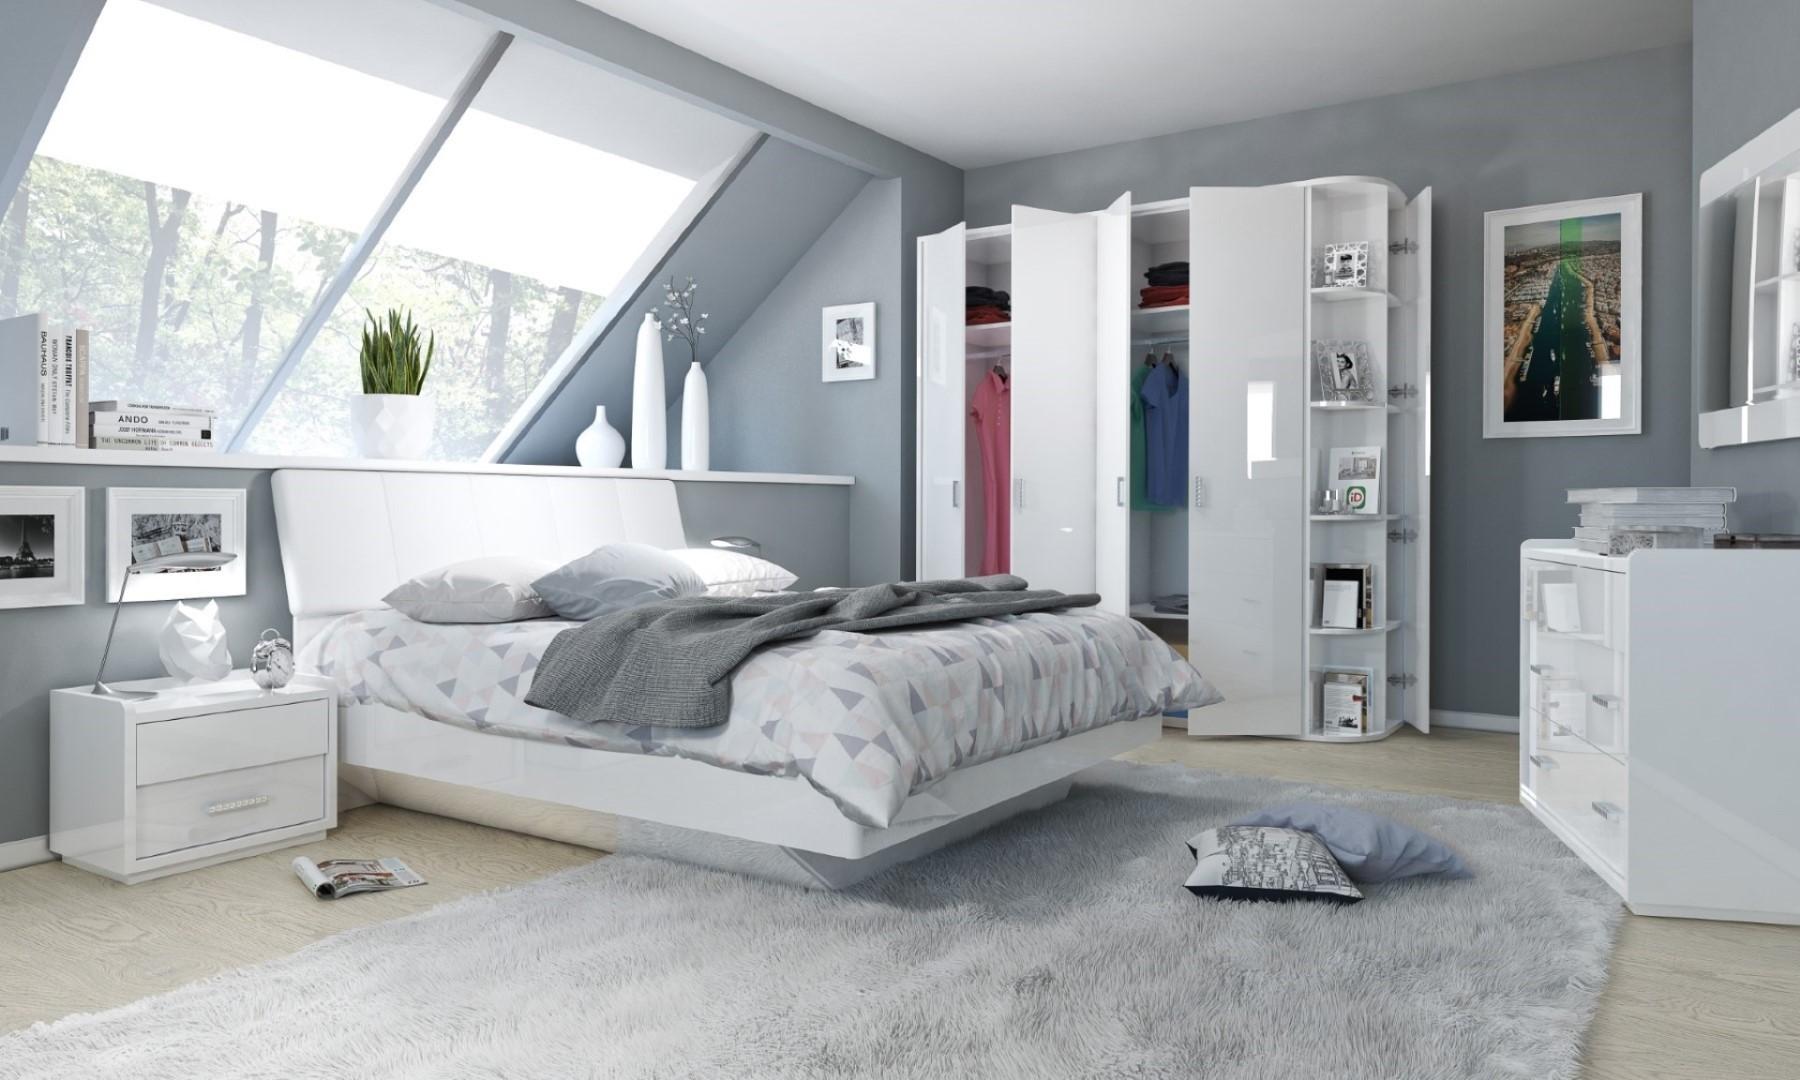 все спальня белла белая фото изображения